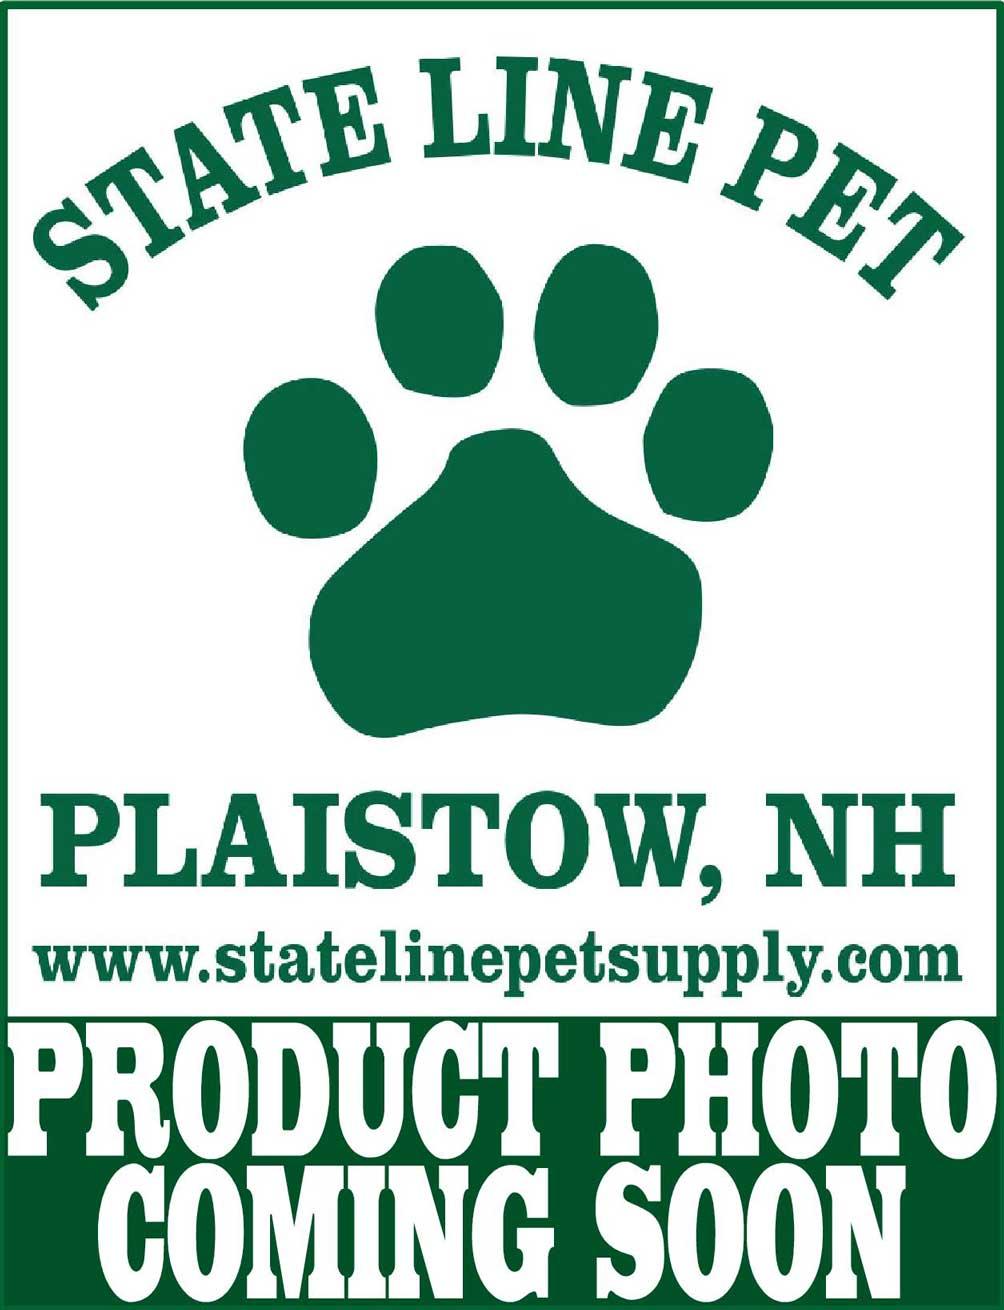 Capguard Flea Tablets For Dog Or Cat 2-25 LBS